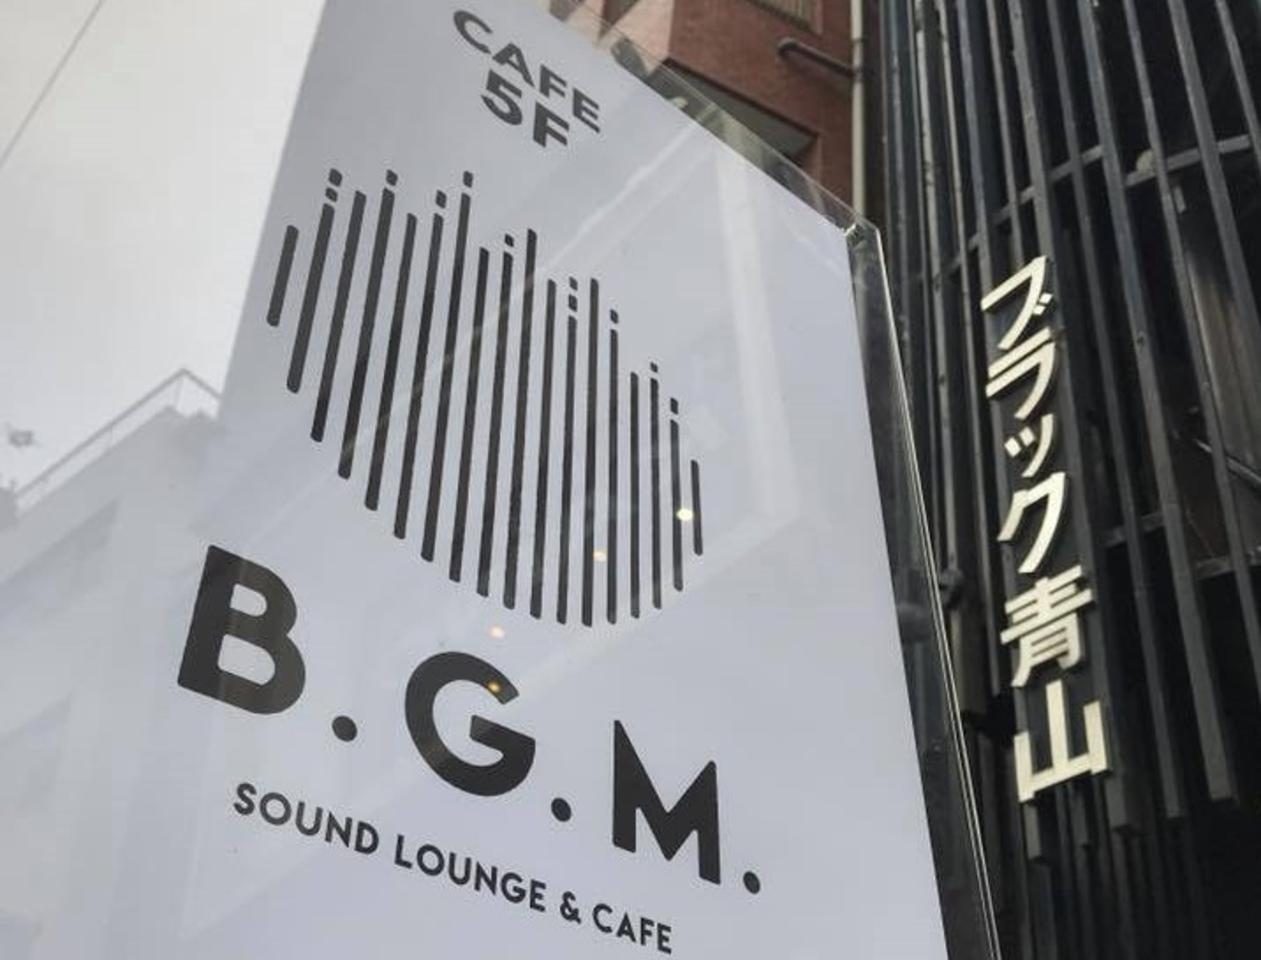 東京都港区南青山3丁目にショールーム併設型音楽カフェ「B.G.M.」明日グランドオープン!